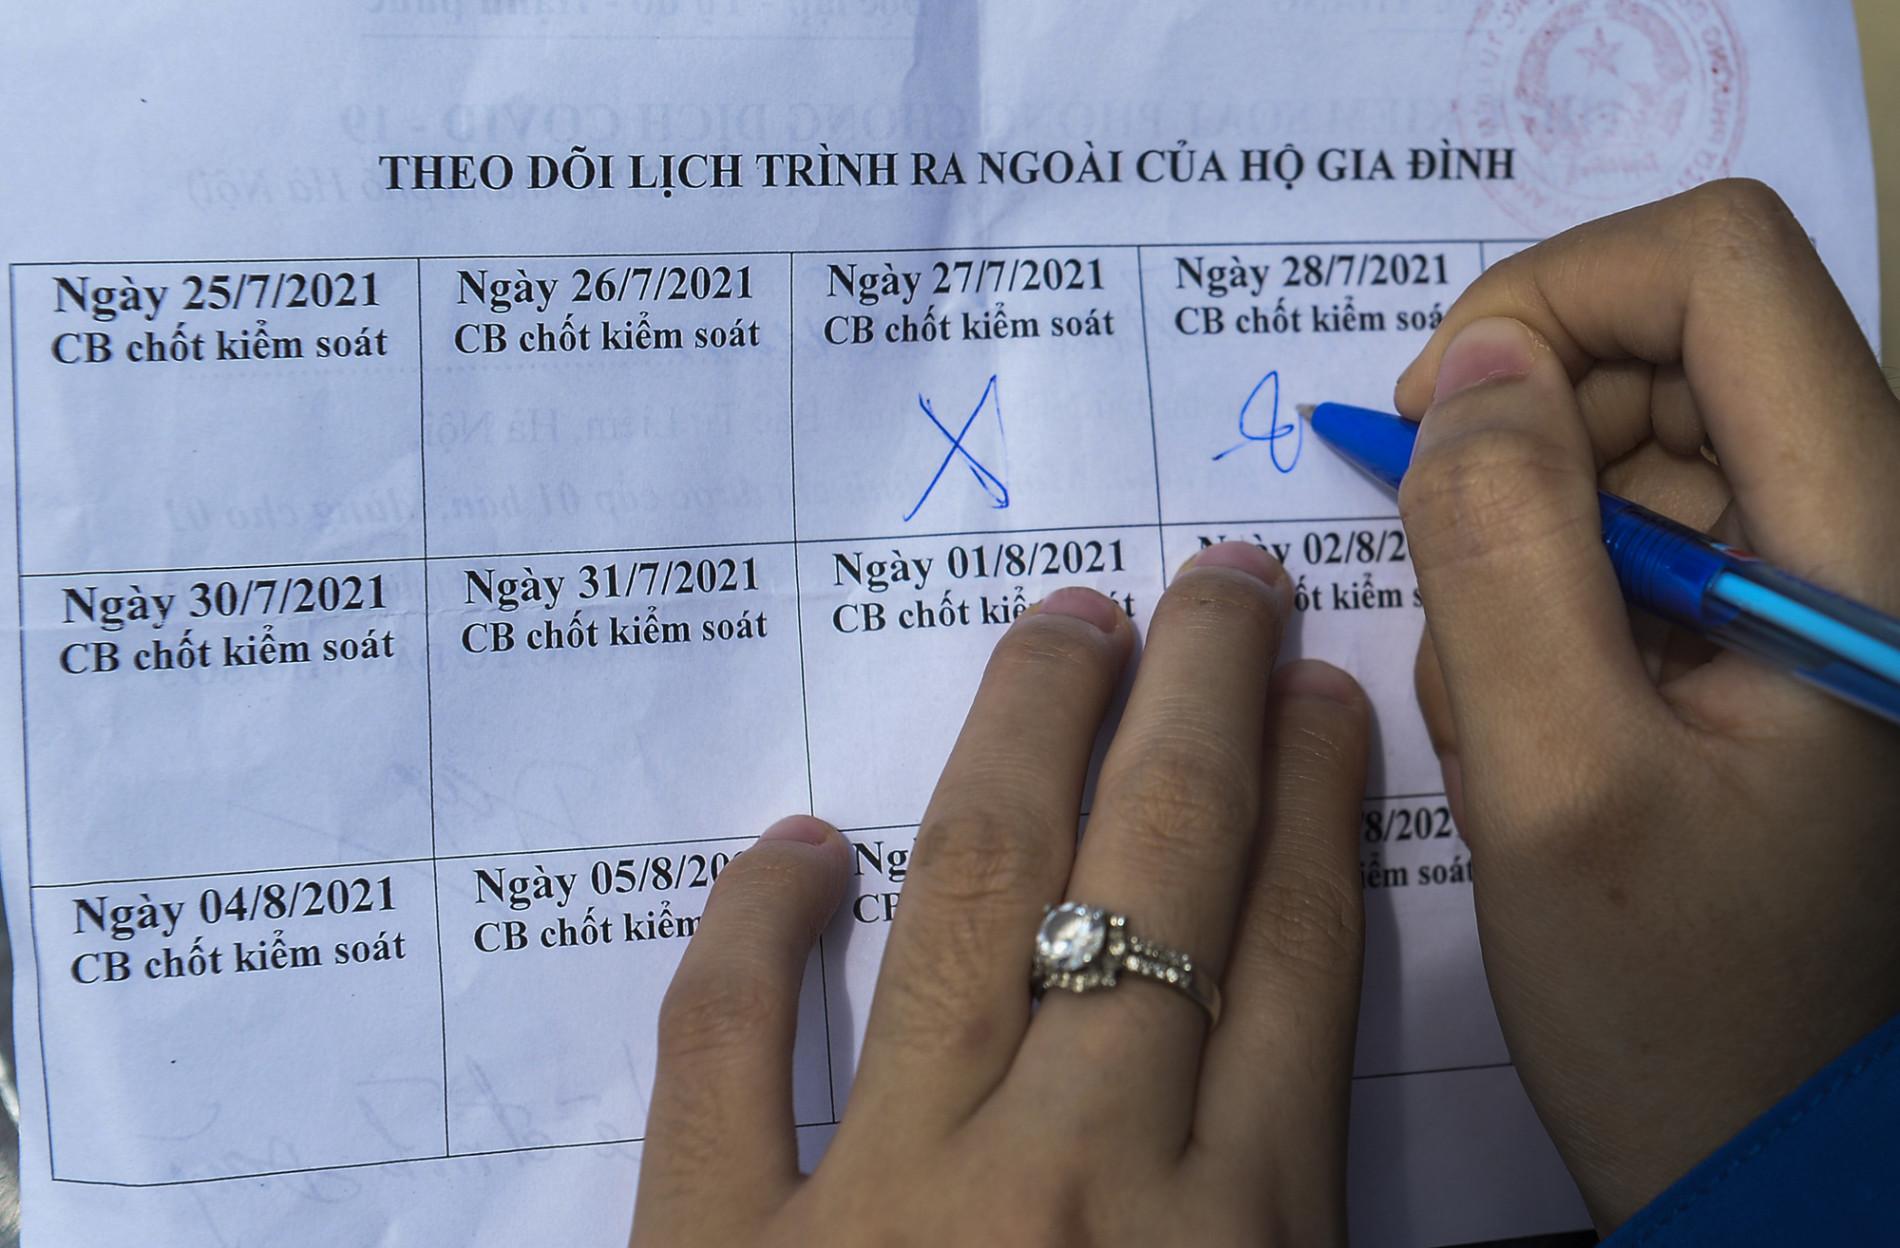 Hà Nội: Phường phát phiếu kiểm soát phòng, chống COVID-19, mỗi nhà chỉ ra đường 1 lần/ngày - Ảnh 7.